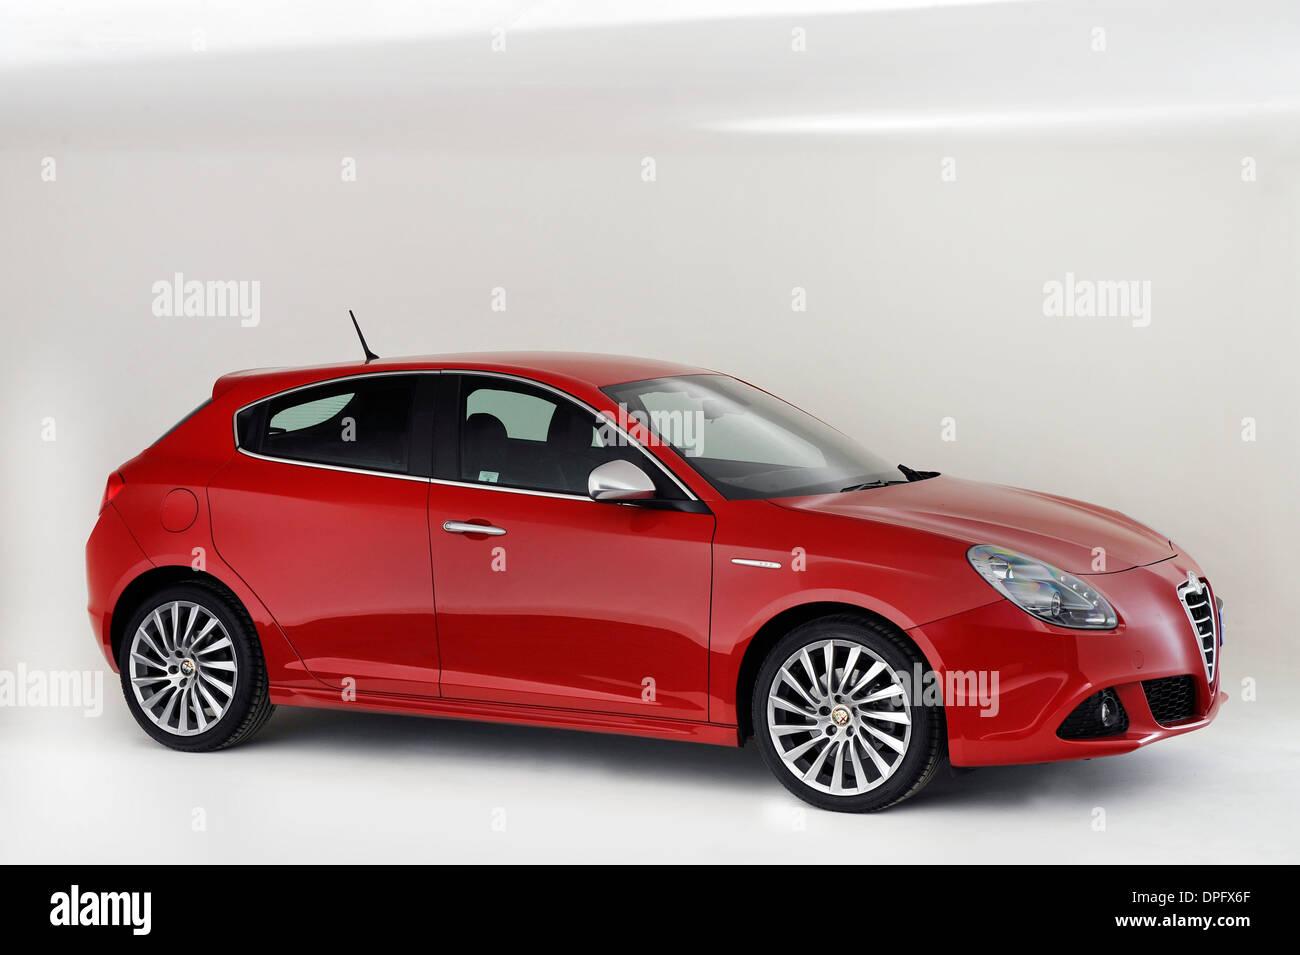 2013-Alfa Romeo Giulietta Stockbild